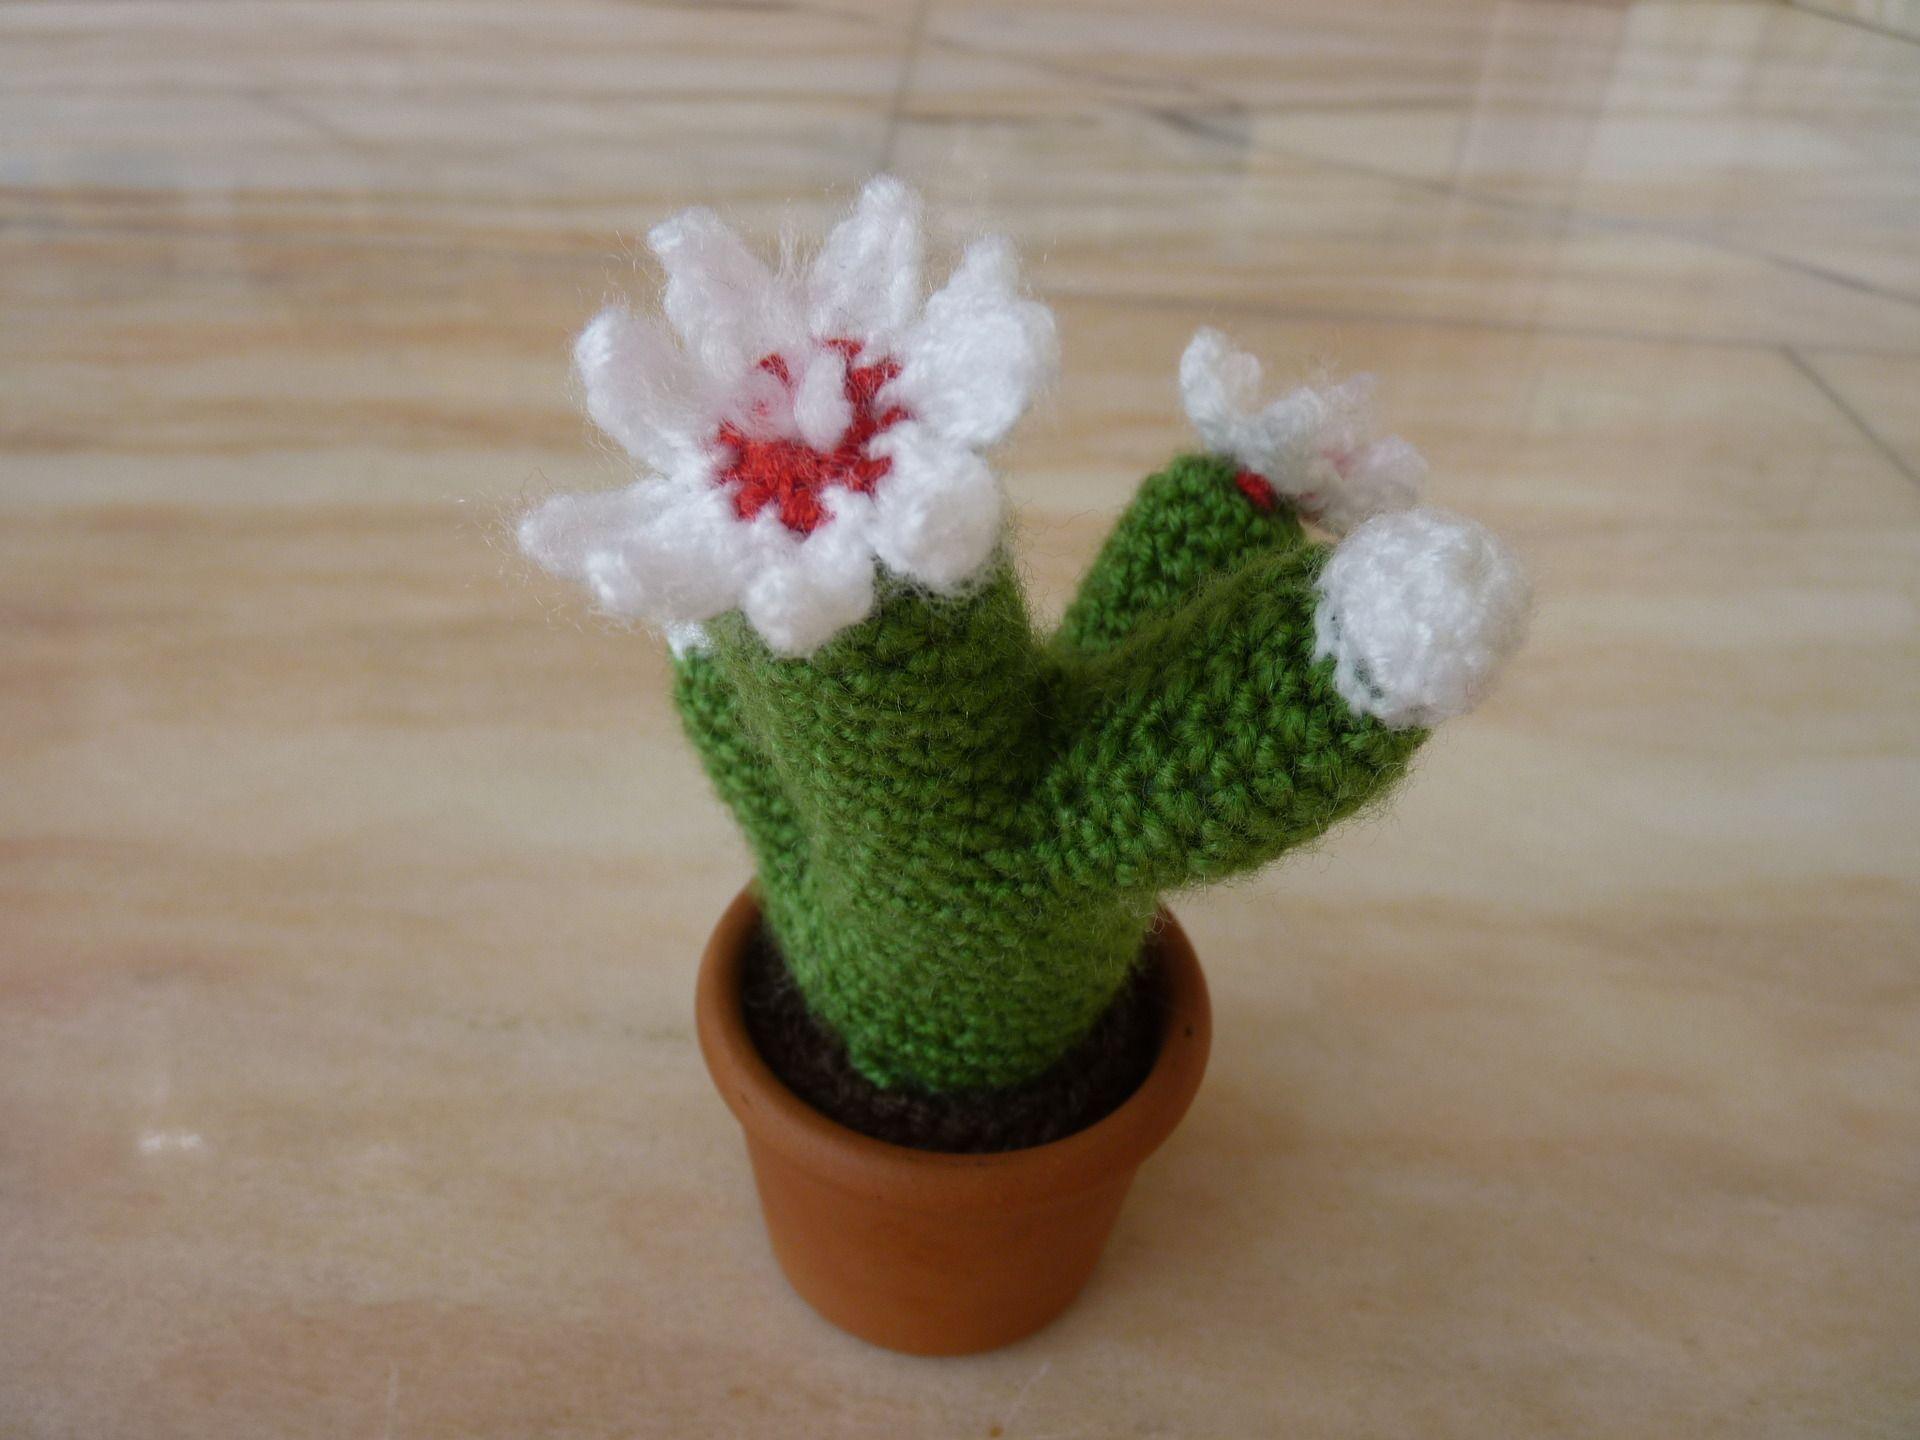 Amigurumi Cactus Crochet Pattern : Cactus au crochet fleurs blanches dans son pot en terre cuite